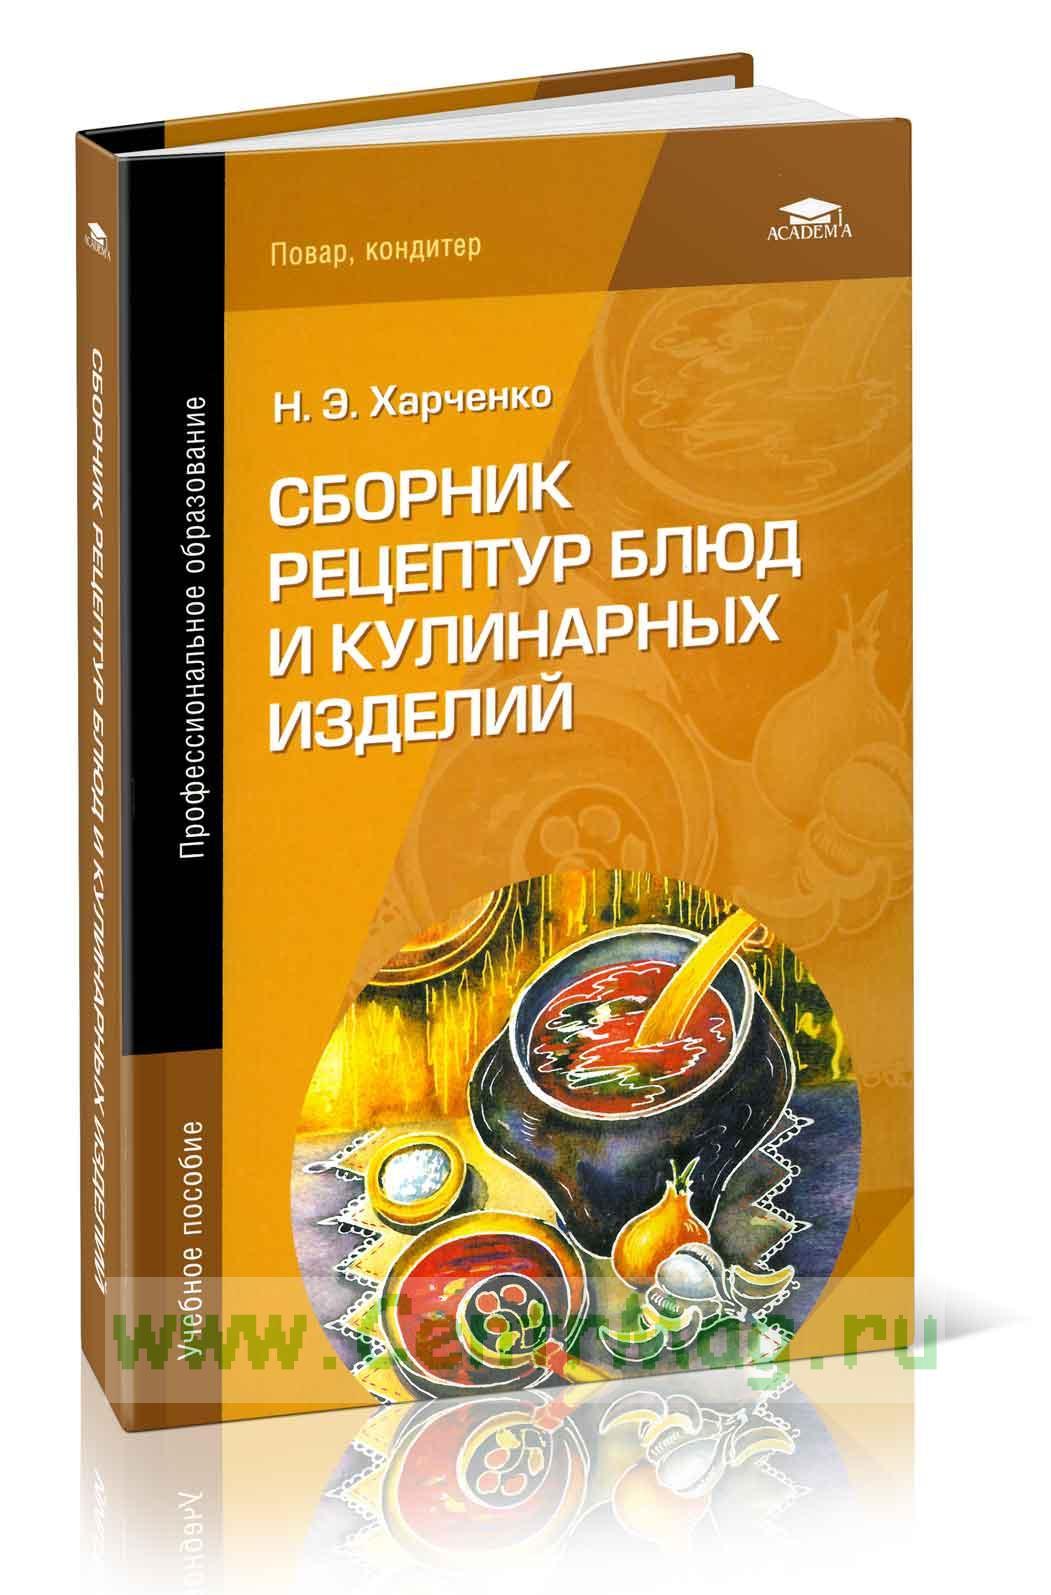 Сборник рецептур блюд и кулинарных изделий: учебное пособие (11-е издание, стереотипное)